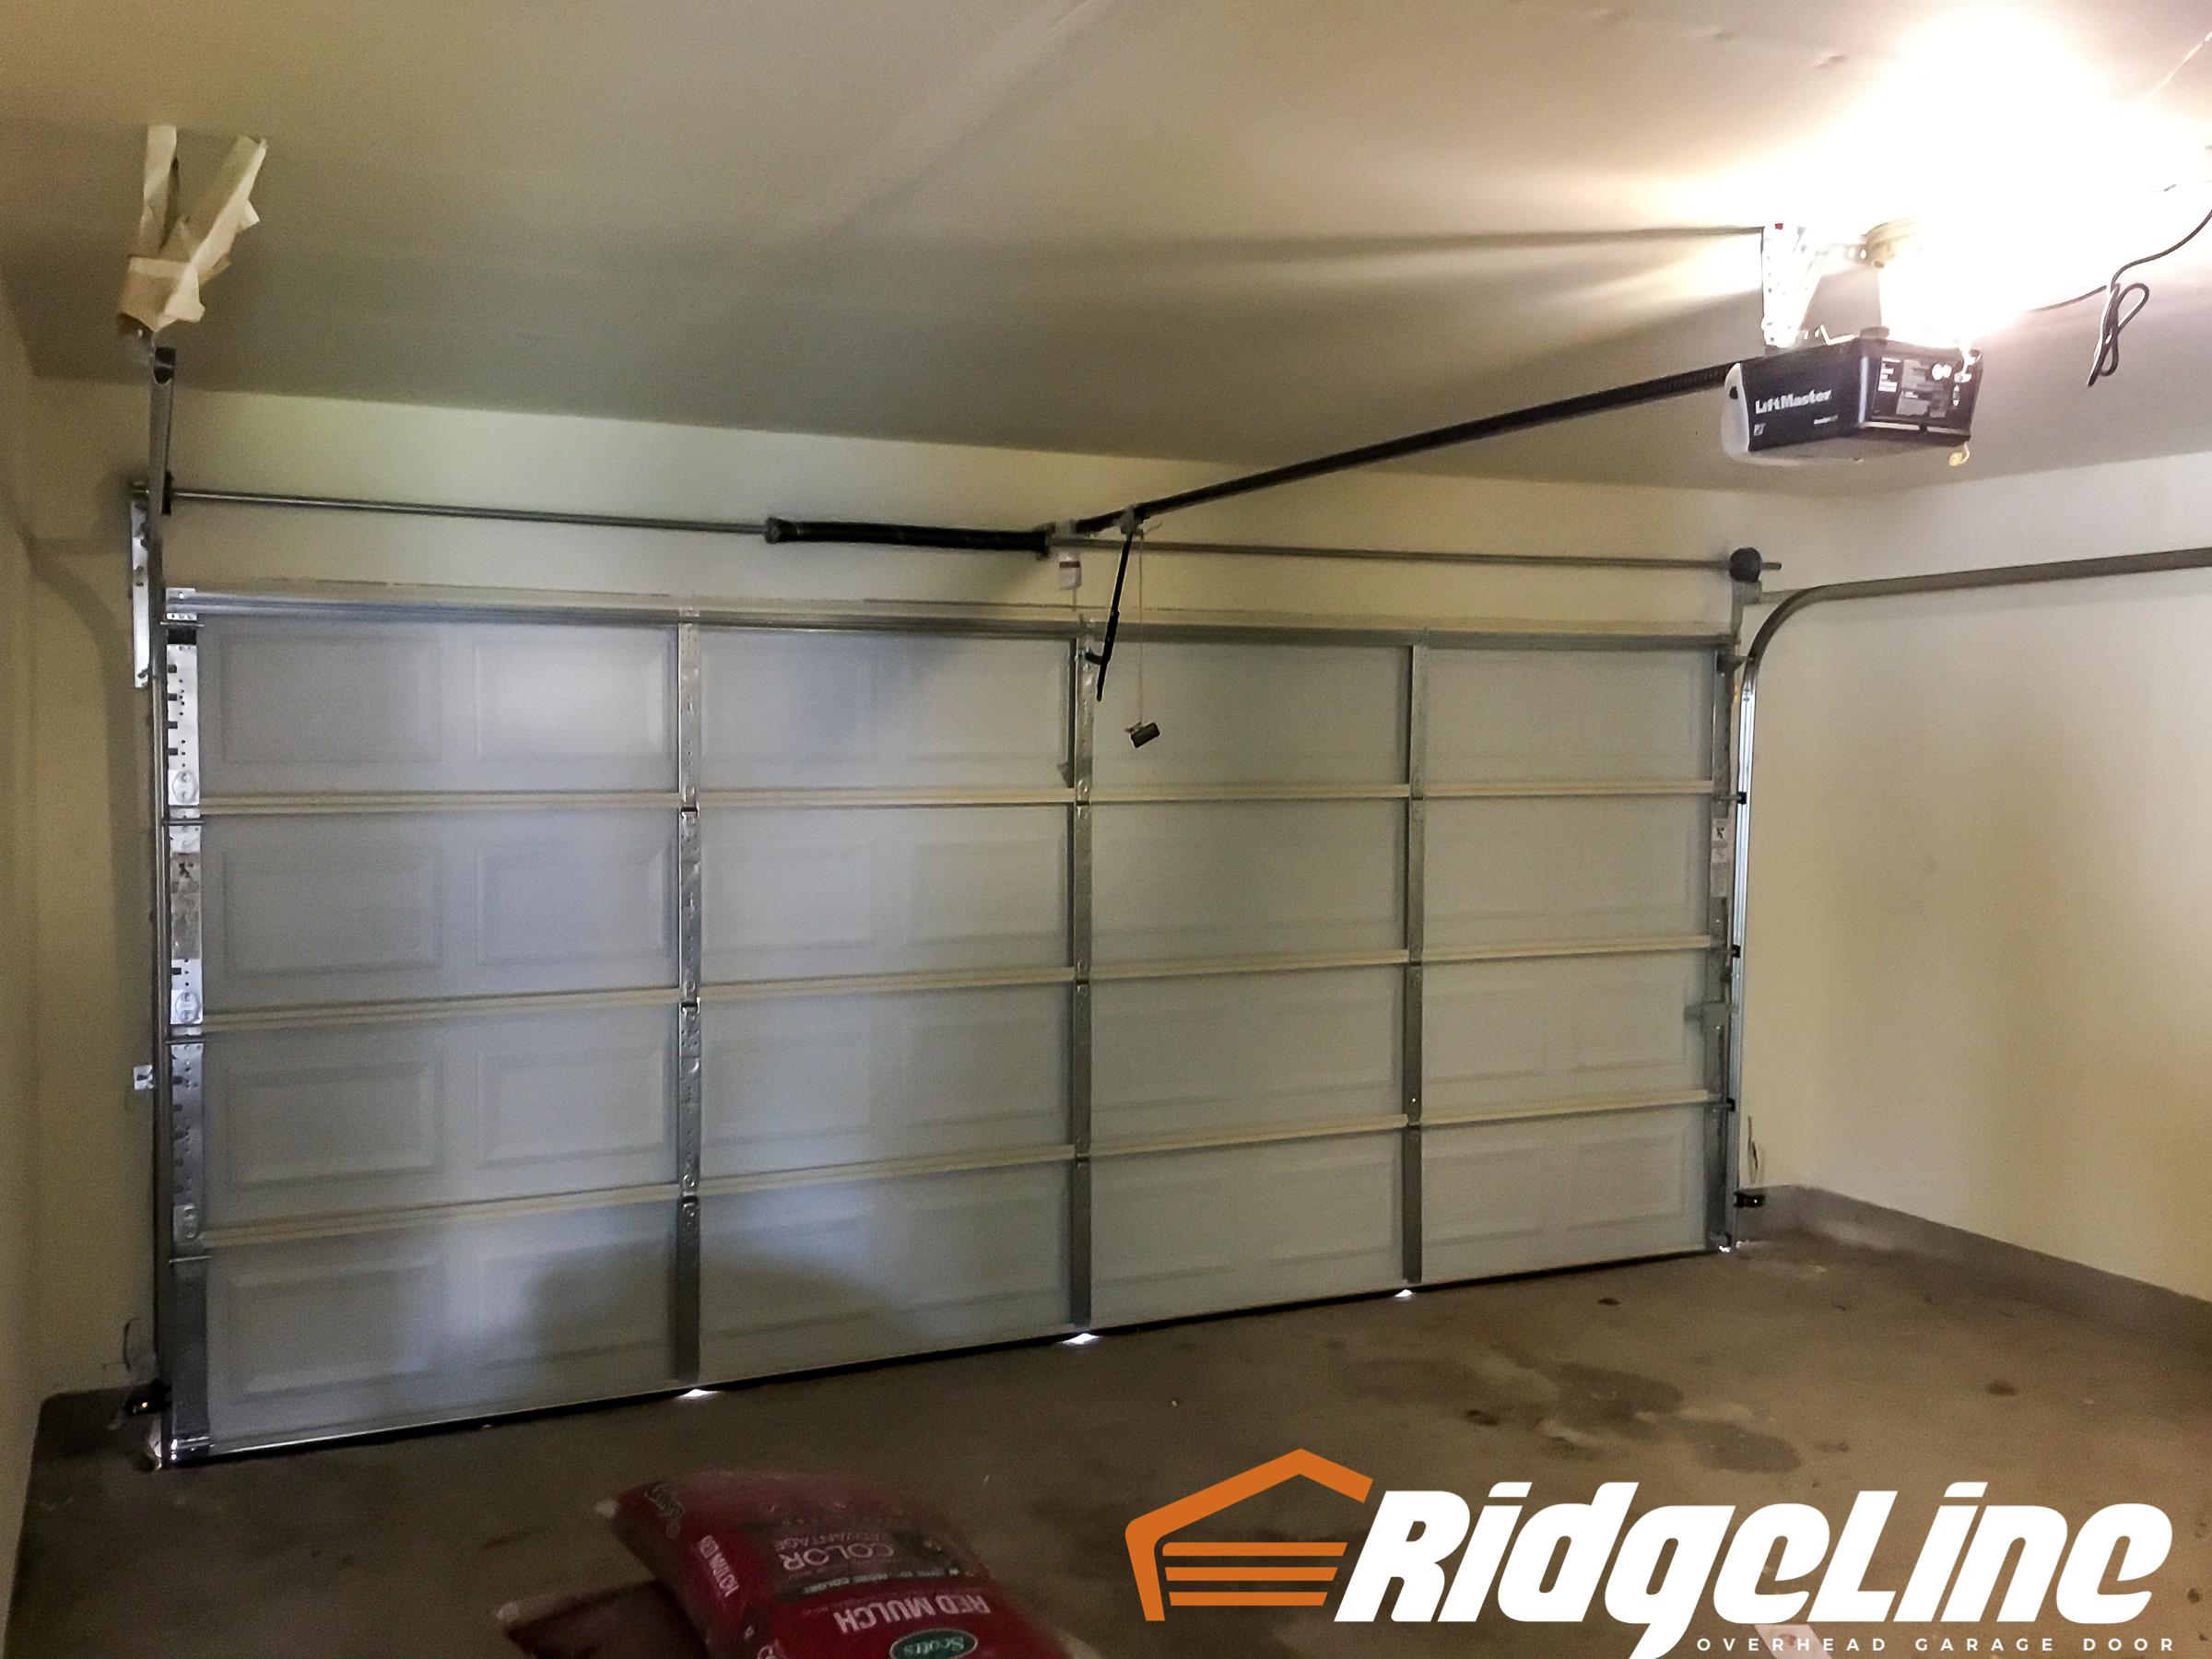 garage,door,overhead,austin,repair,installation,company,liftmaster,service,commercial,residential,loading dock,operators,gate operators,sectional garage door,manor